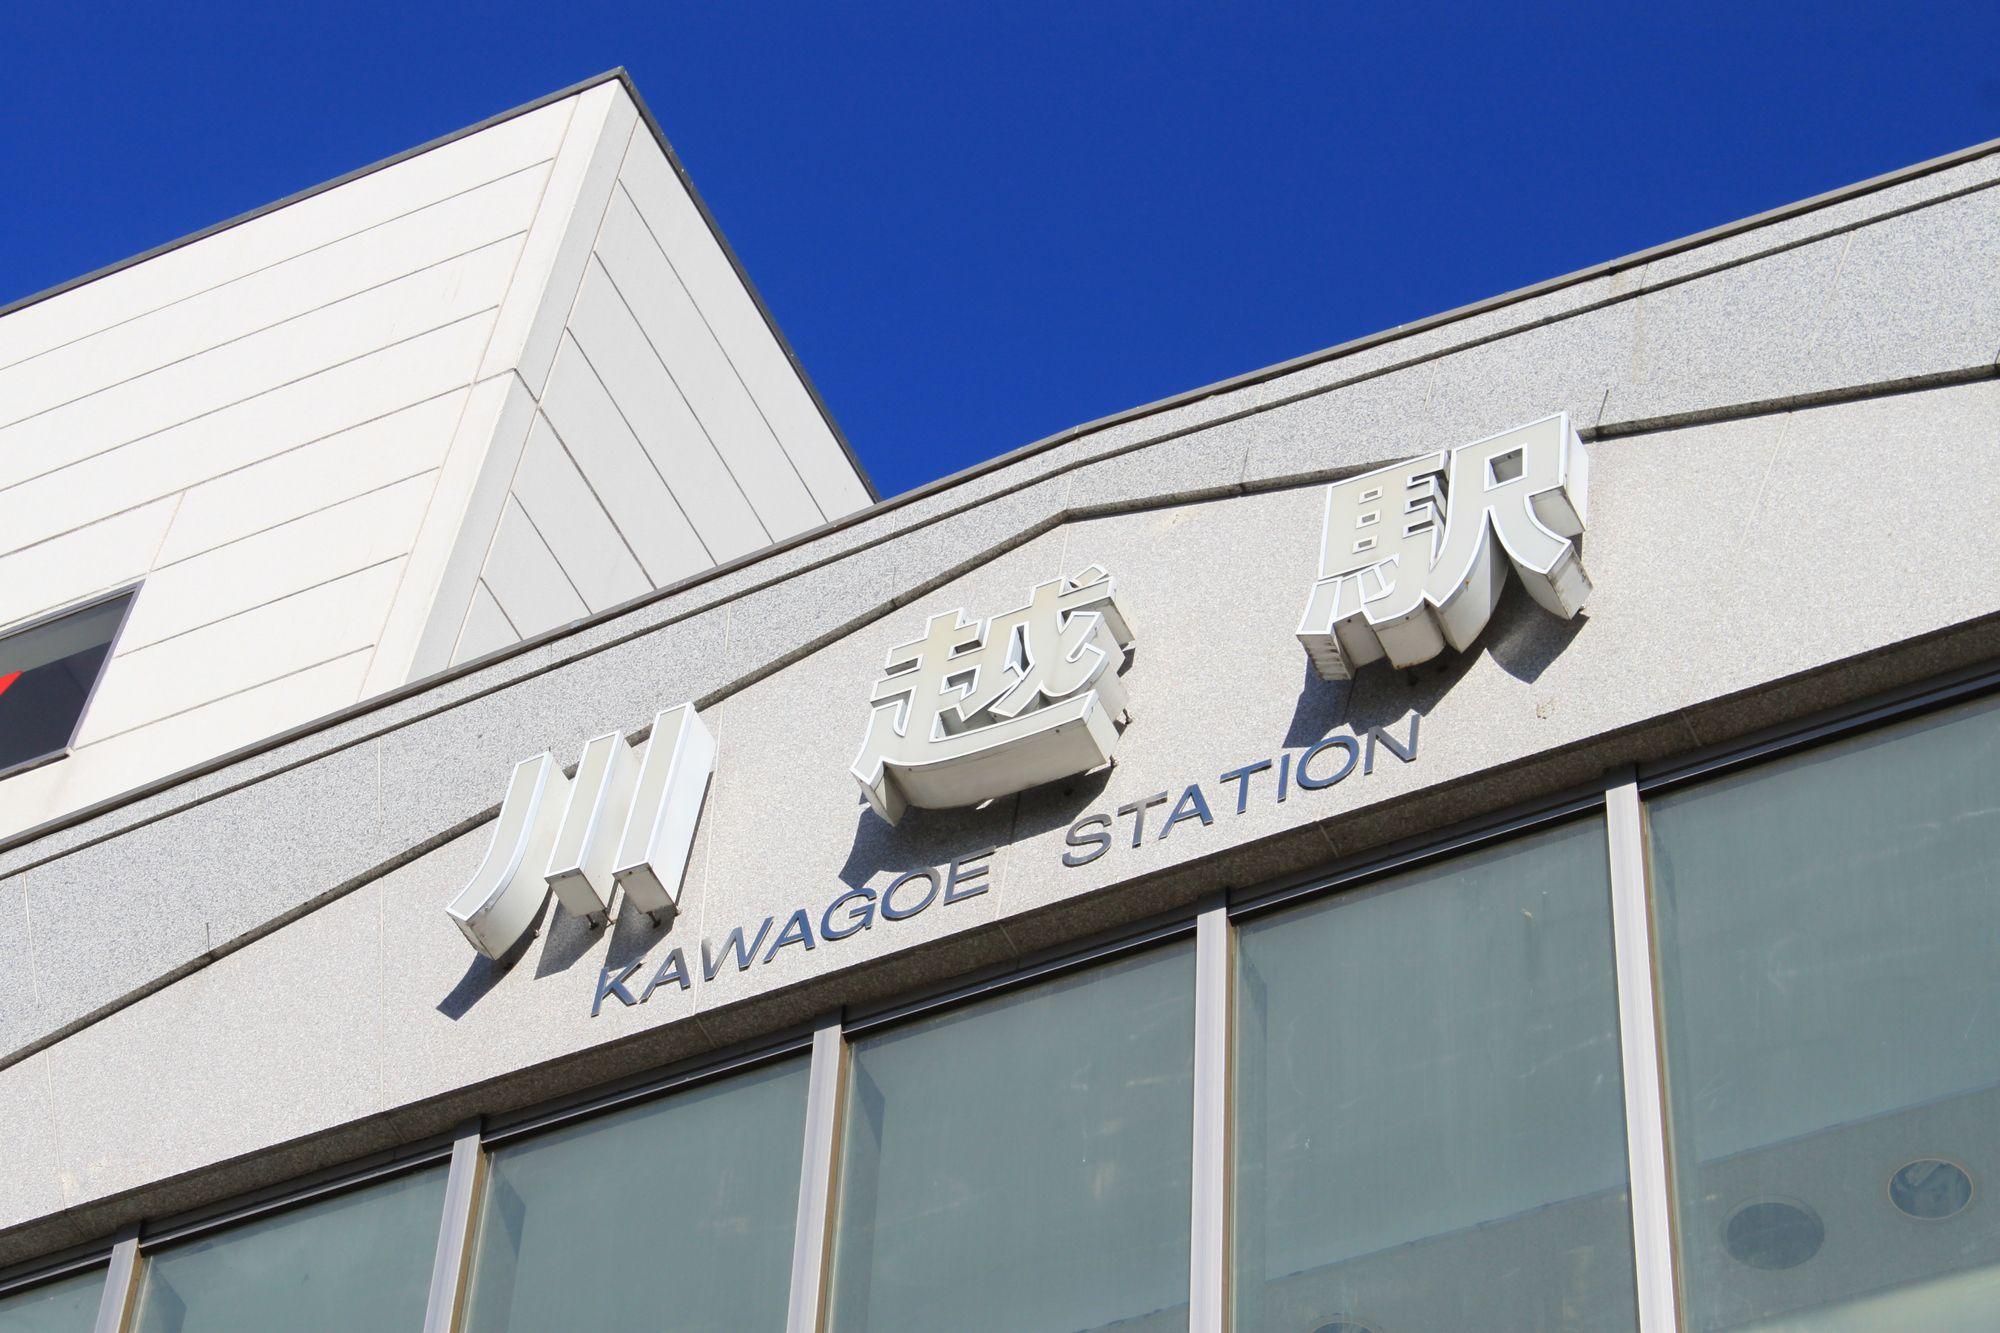 東武東上線で不動産を探す!川越駅の特徴と1人用・ファミリー用賃貸物件の相場